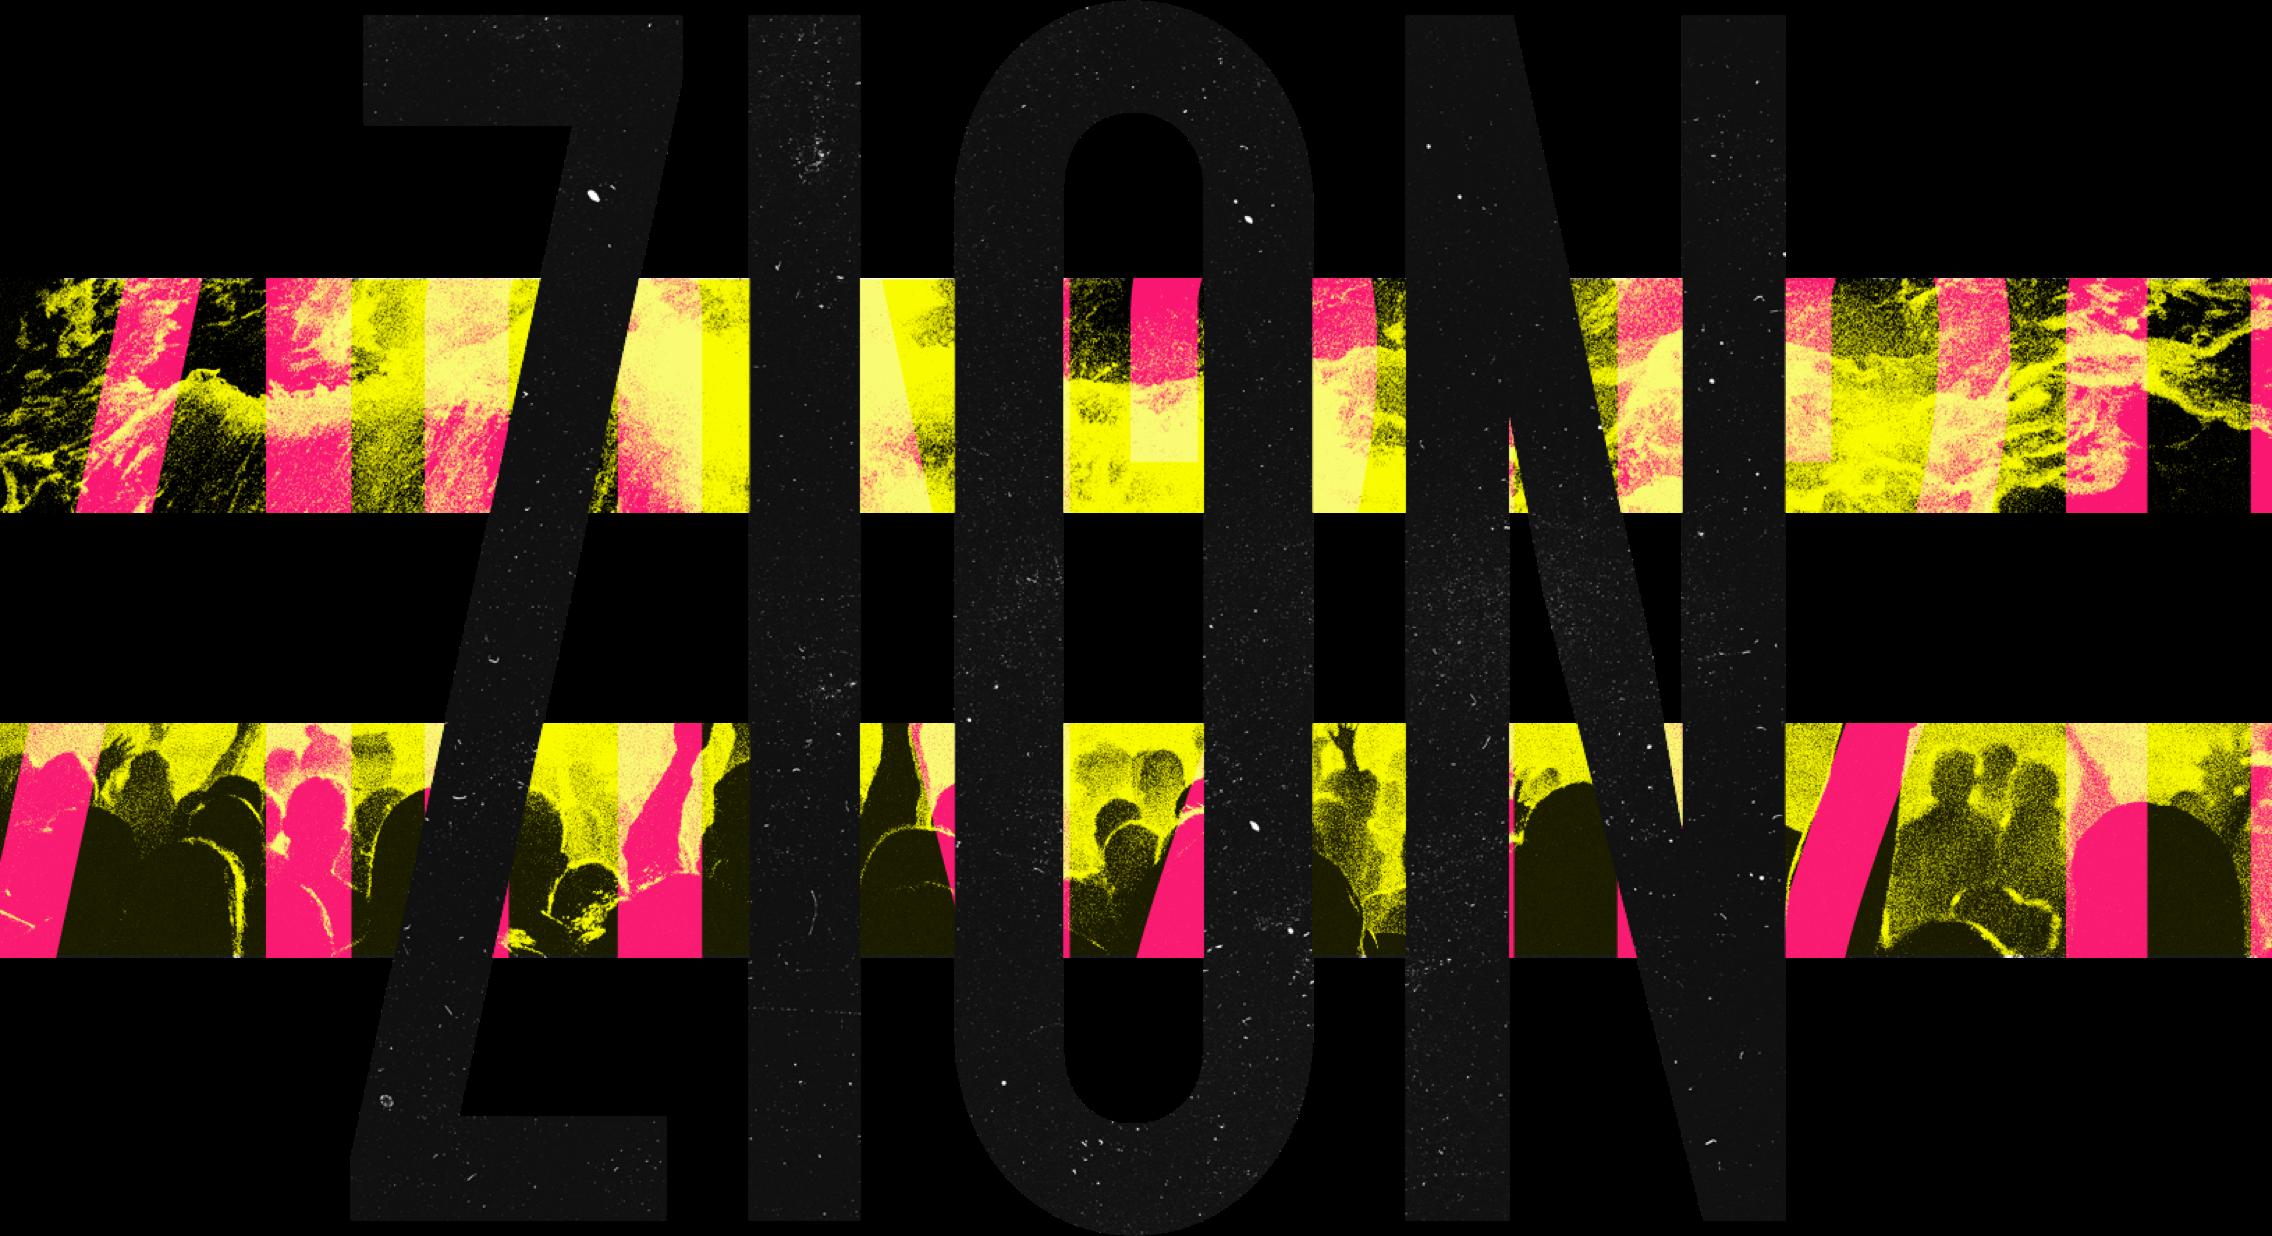 Zion 2020